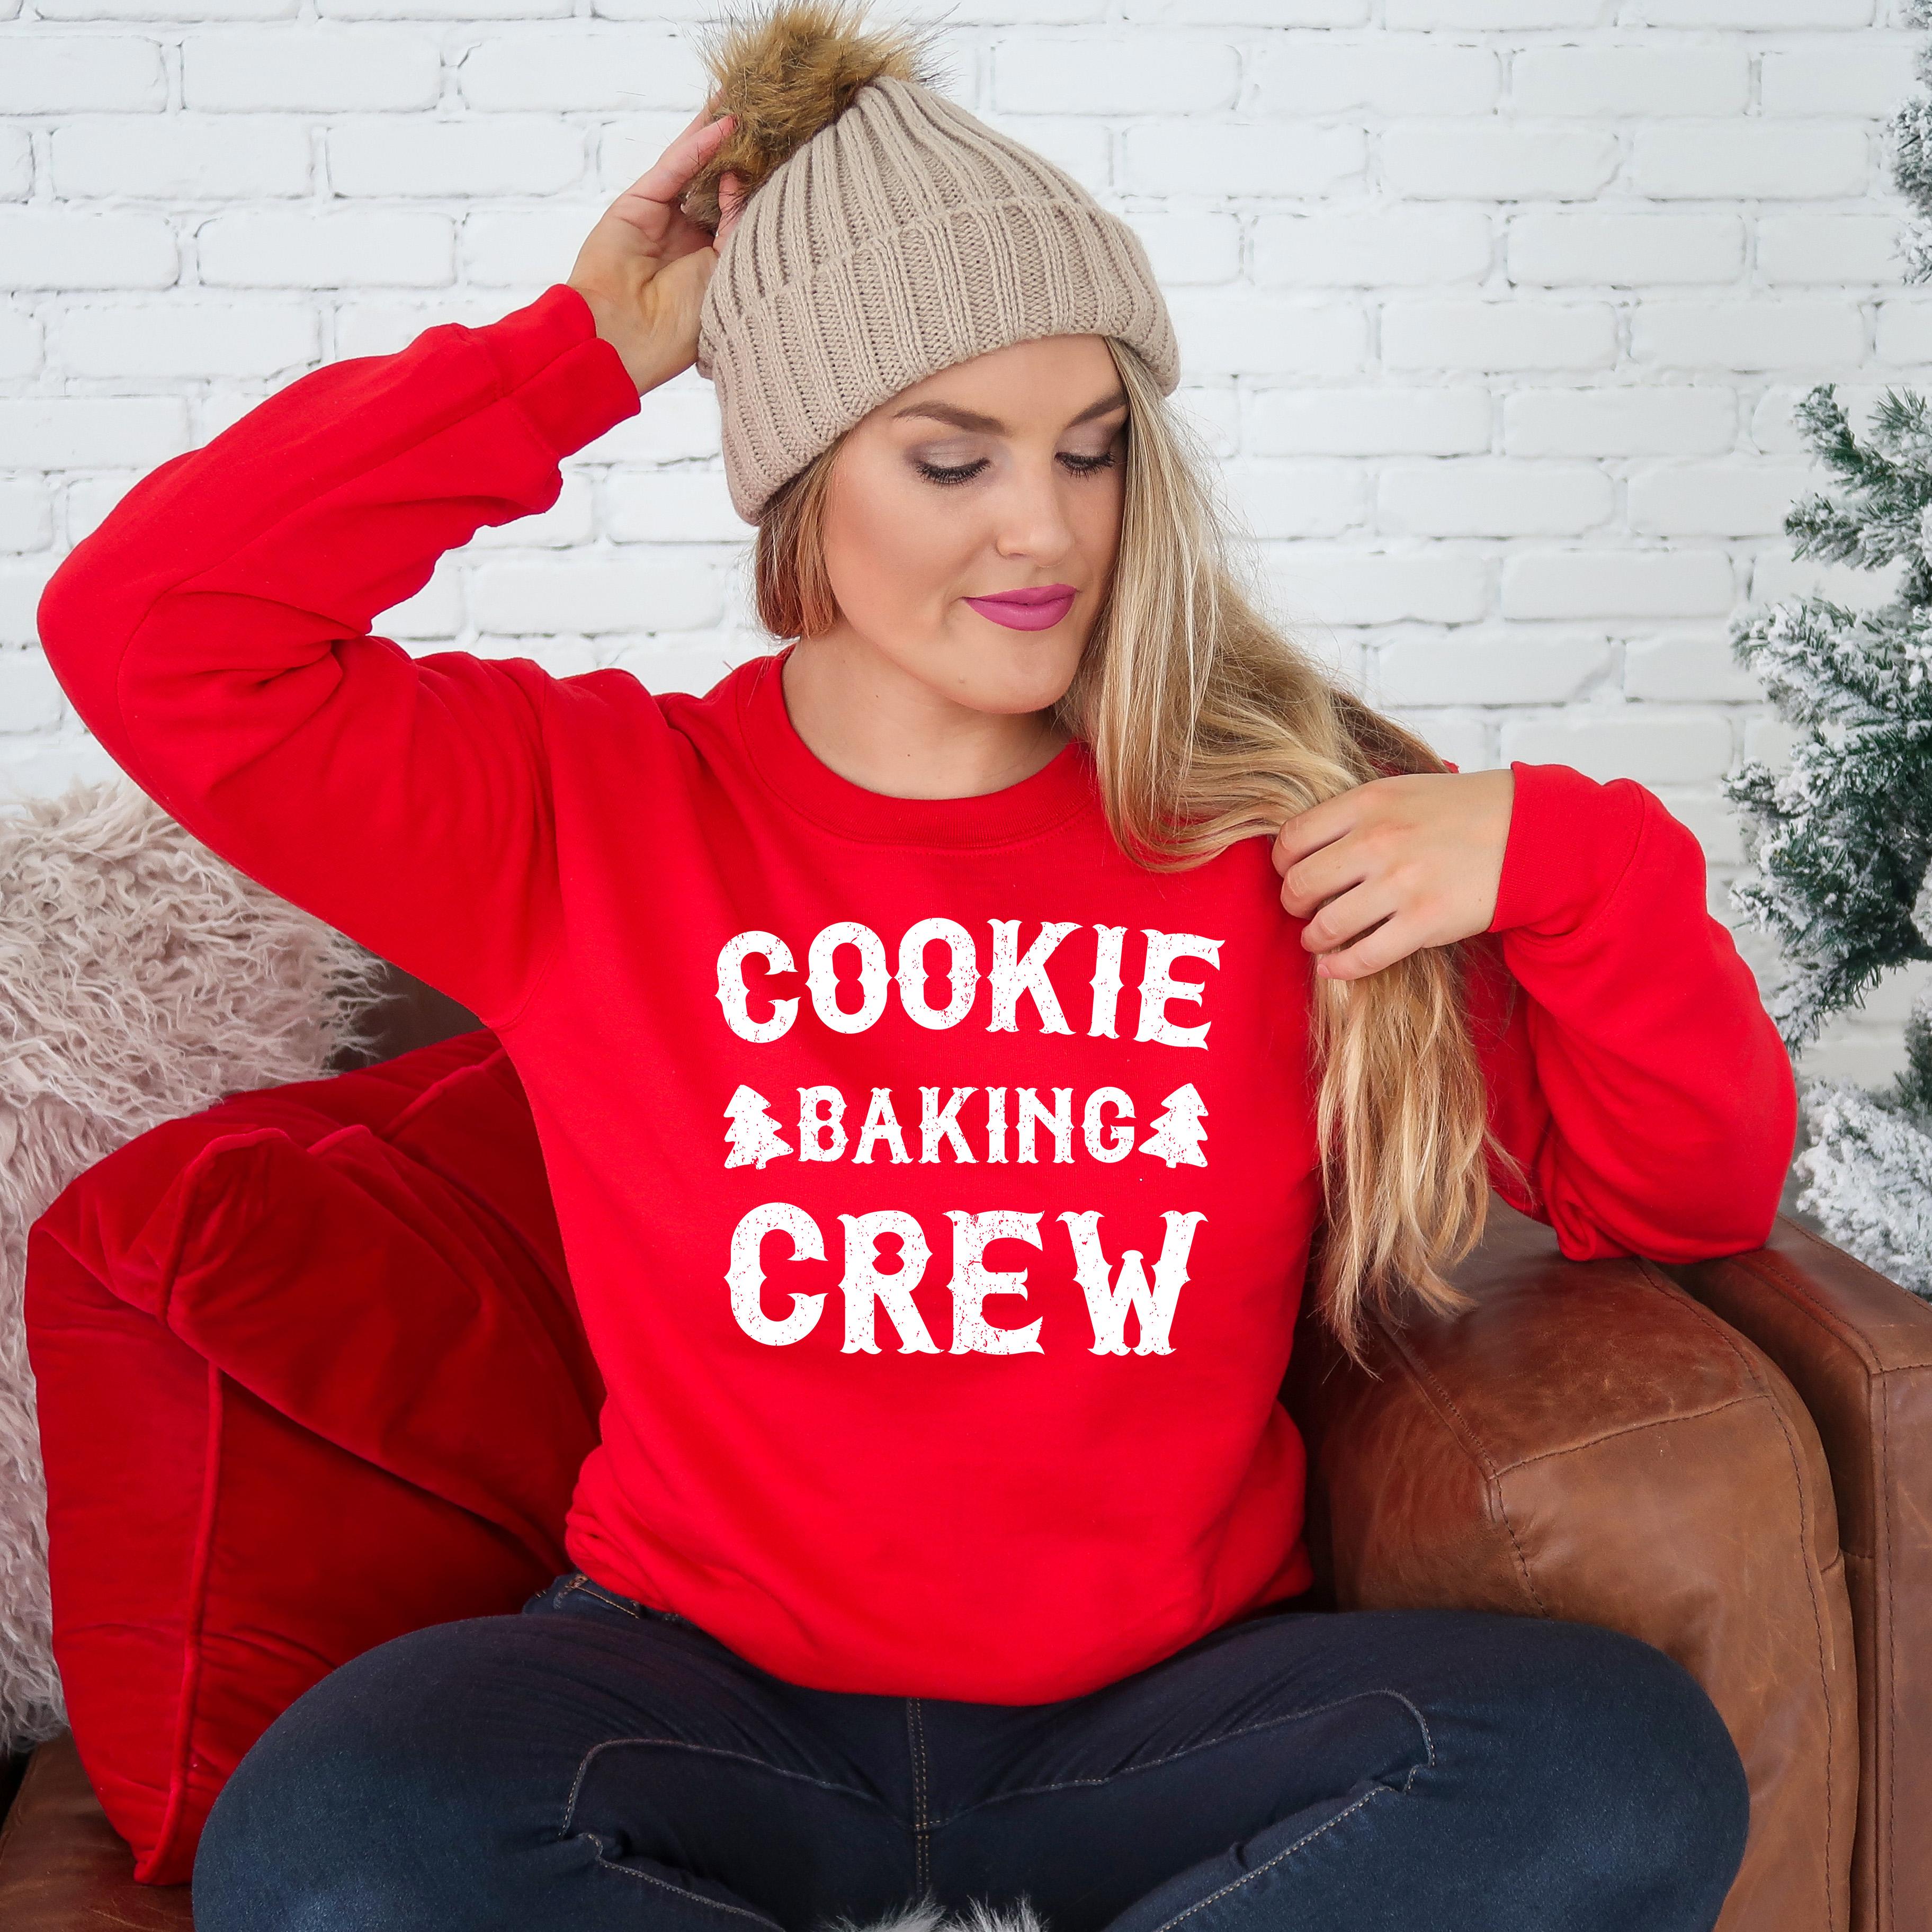 Cookie Baking Crew Sweatshirt   Christmas Tree Cookies   Holiday Baking Gifts   Christmas Matching Family   Unisex Crewneck Sweatshirt